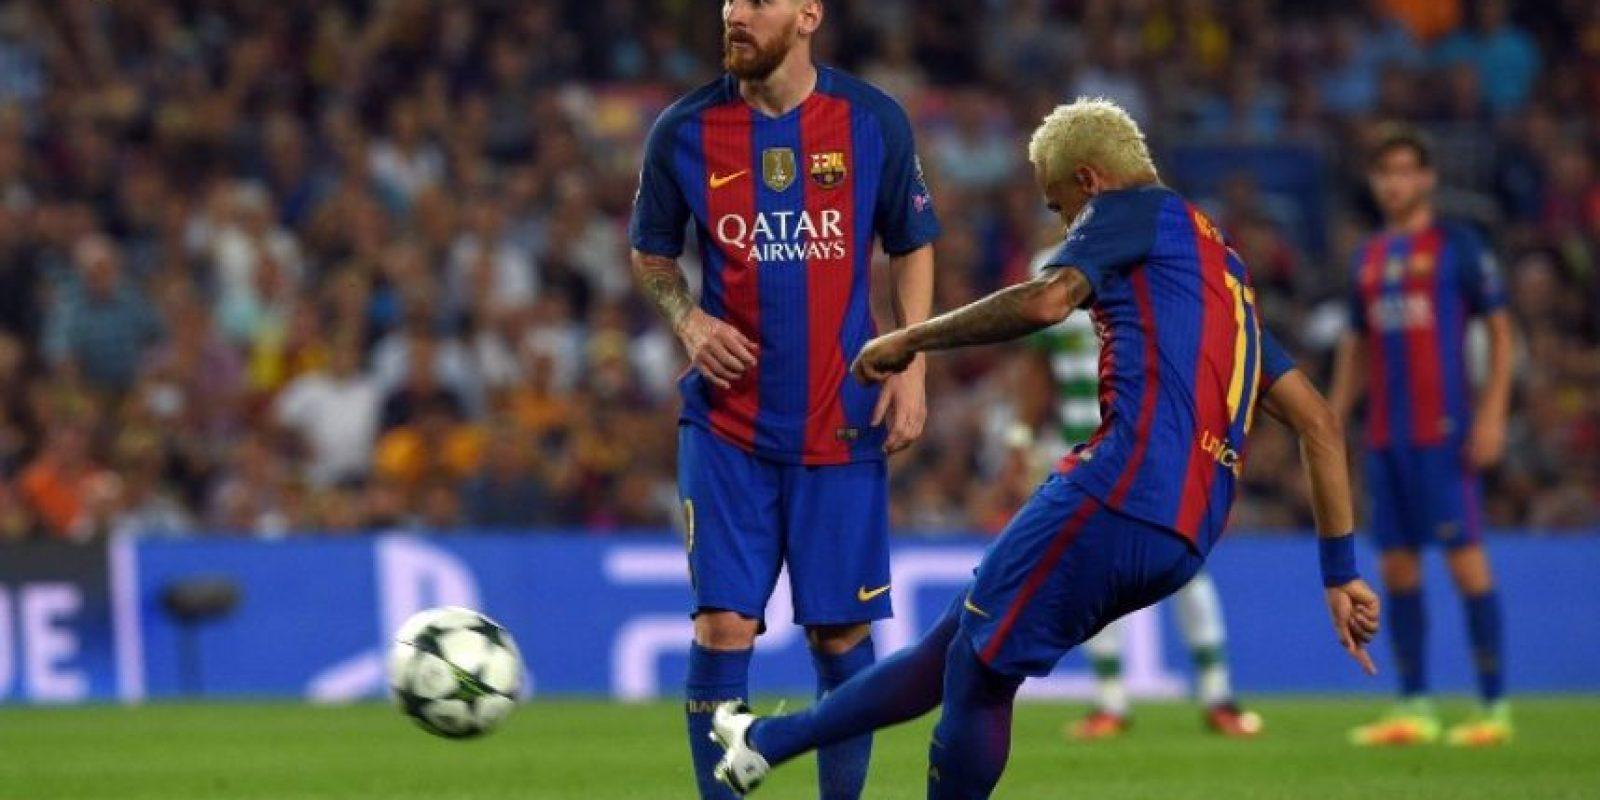 El cuadro azulgrana no tuvo problemas y le anotó siete al cuadro escocés. Foto:AFP